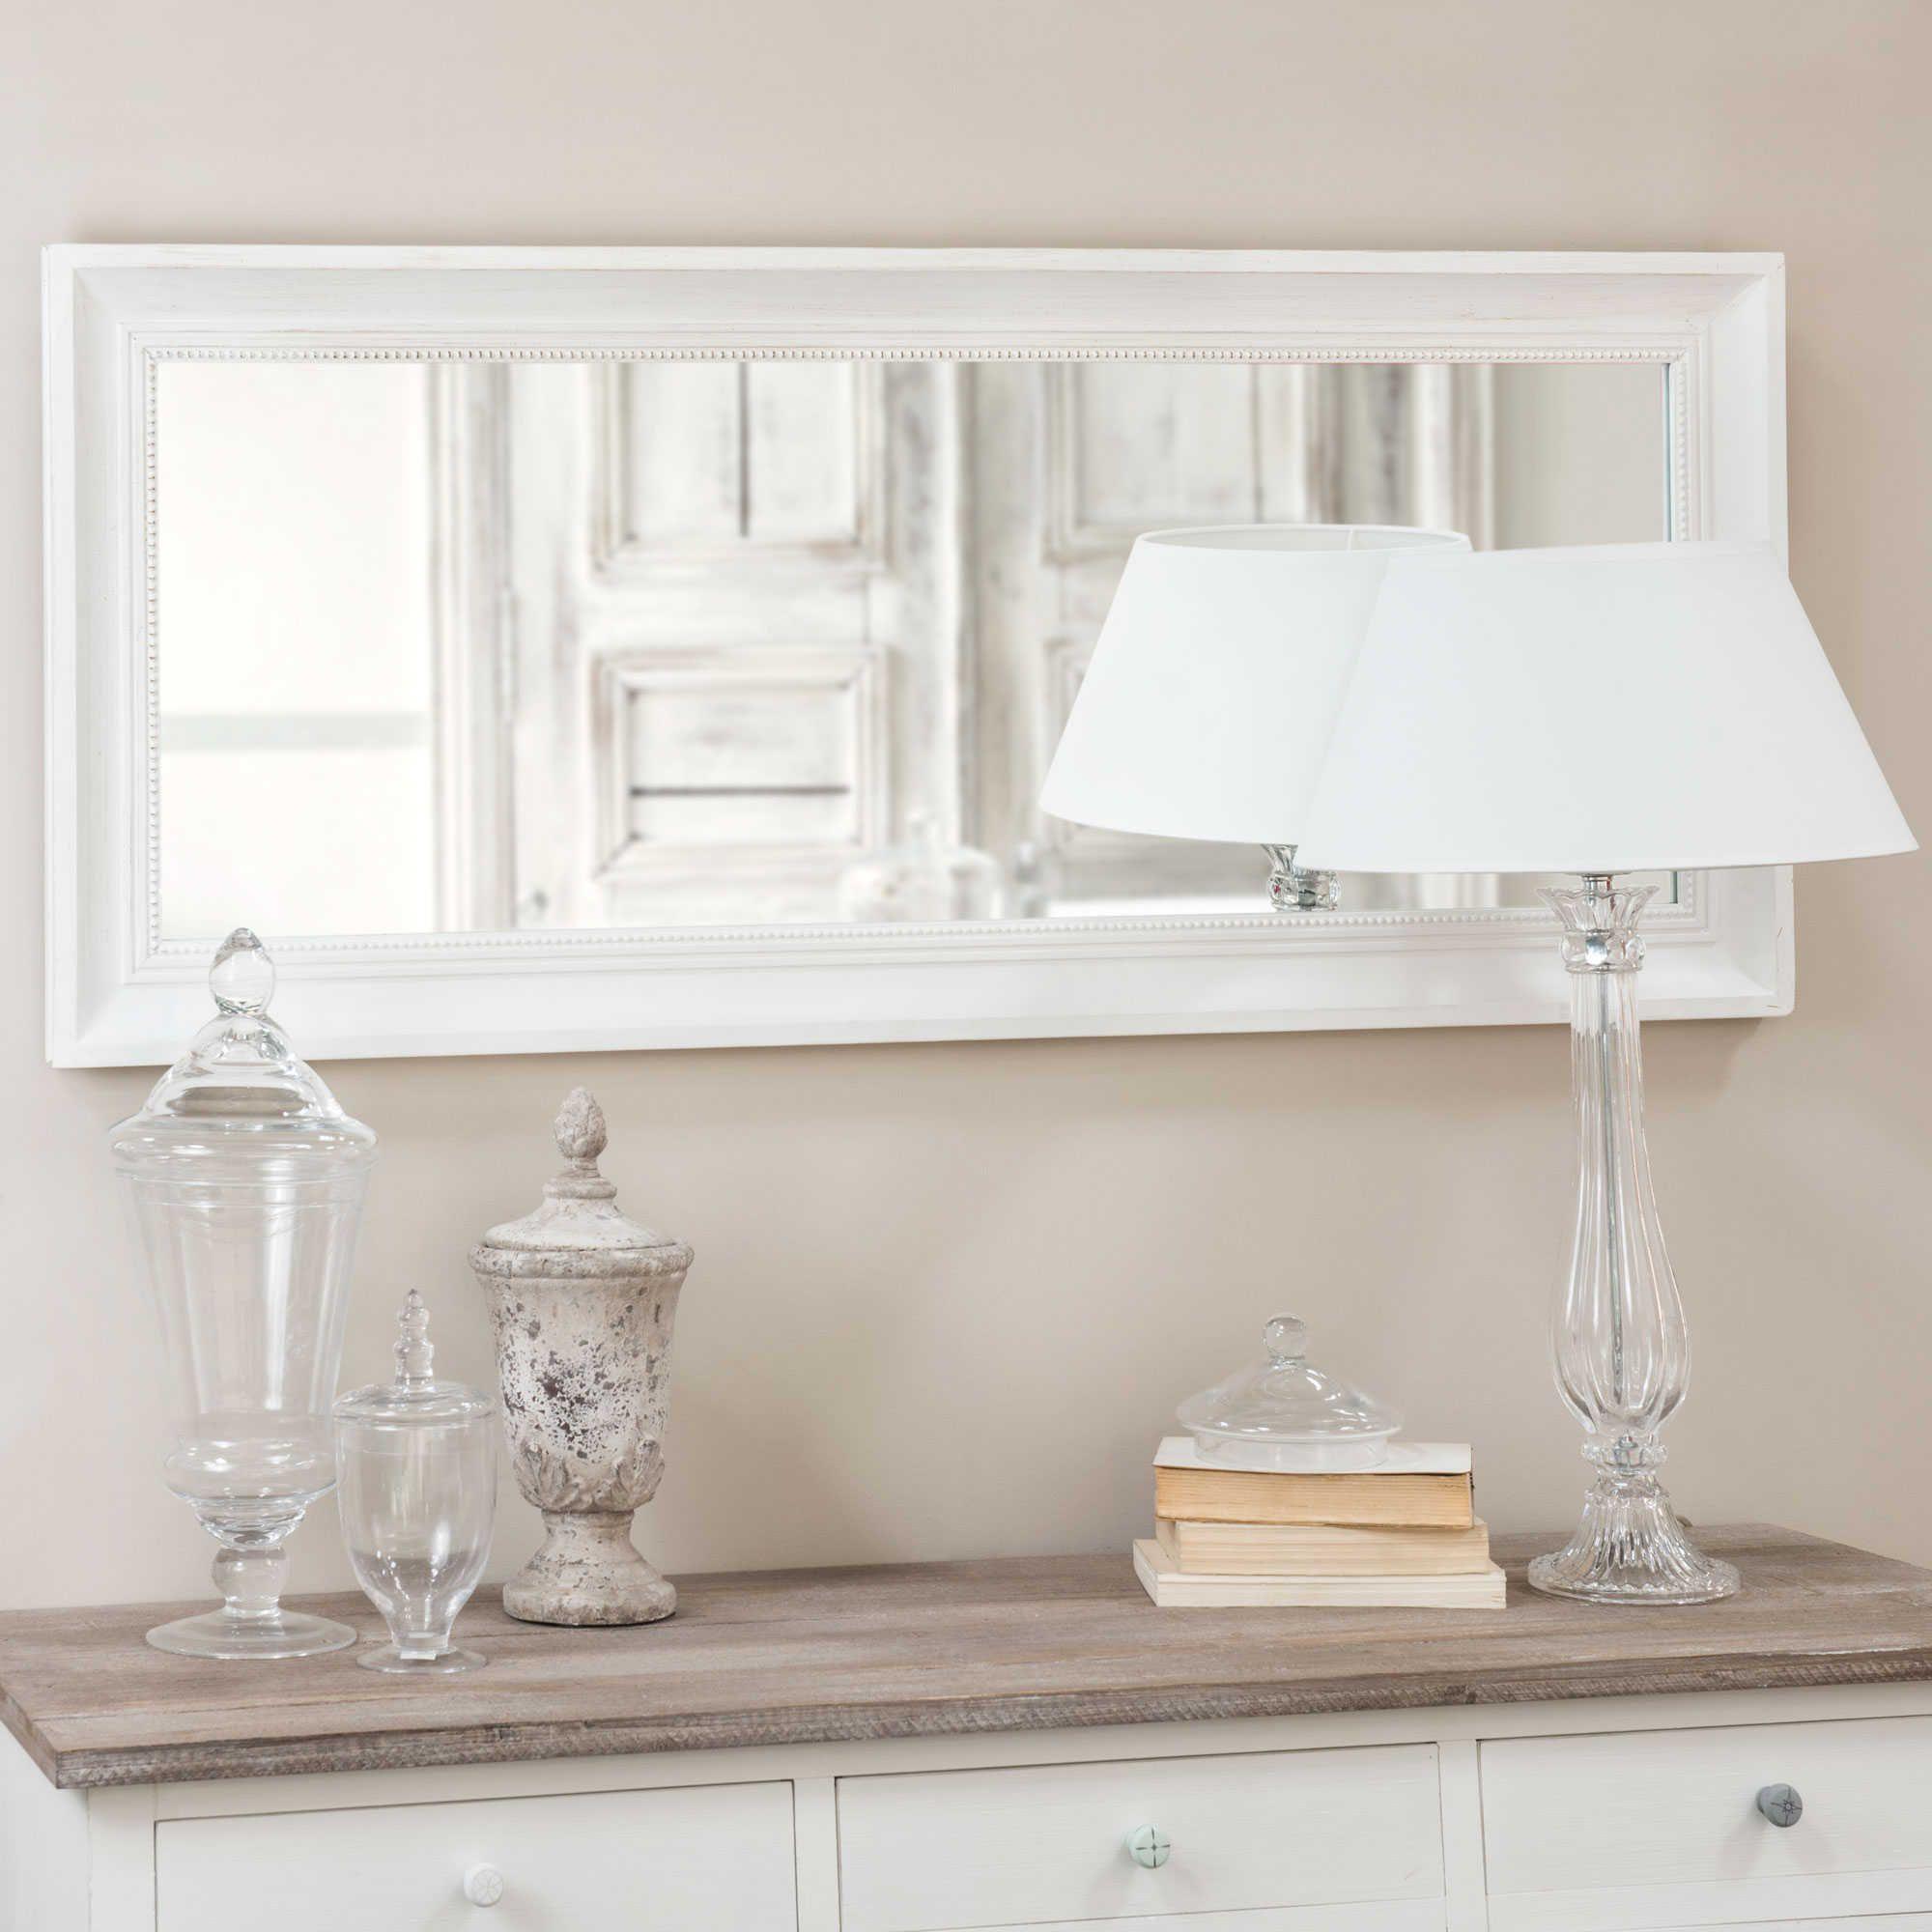 miroir en sapin cru 54x130 d coration cadres et miroirs pinterest miroir en bois. Black Bedroom Furniture Sets. Home Design Ideas